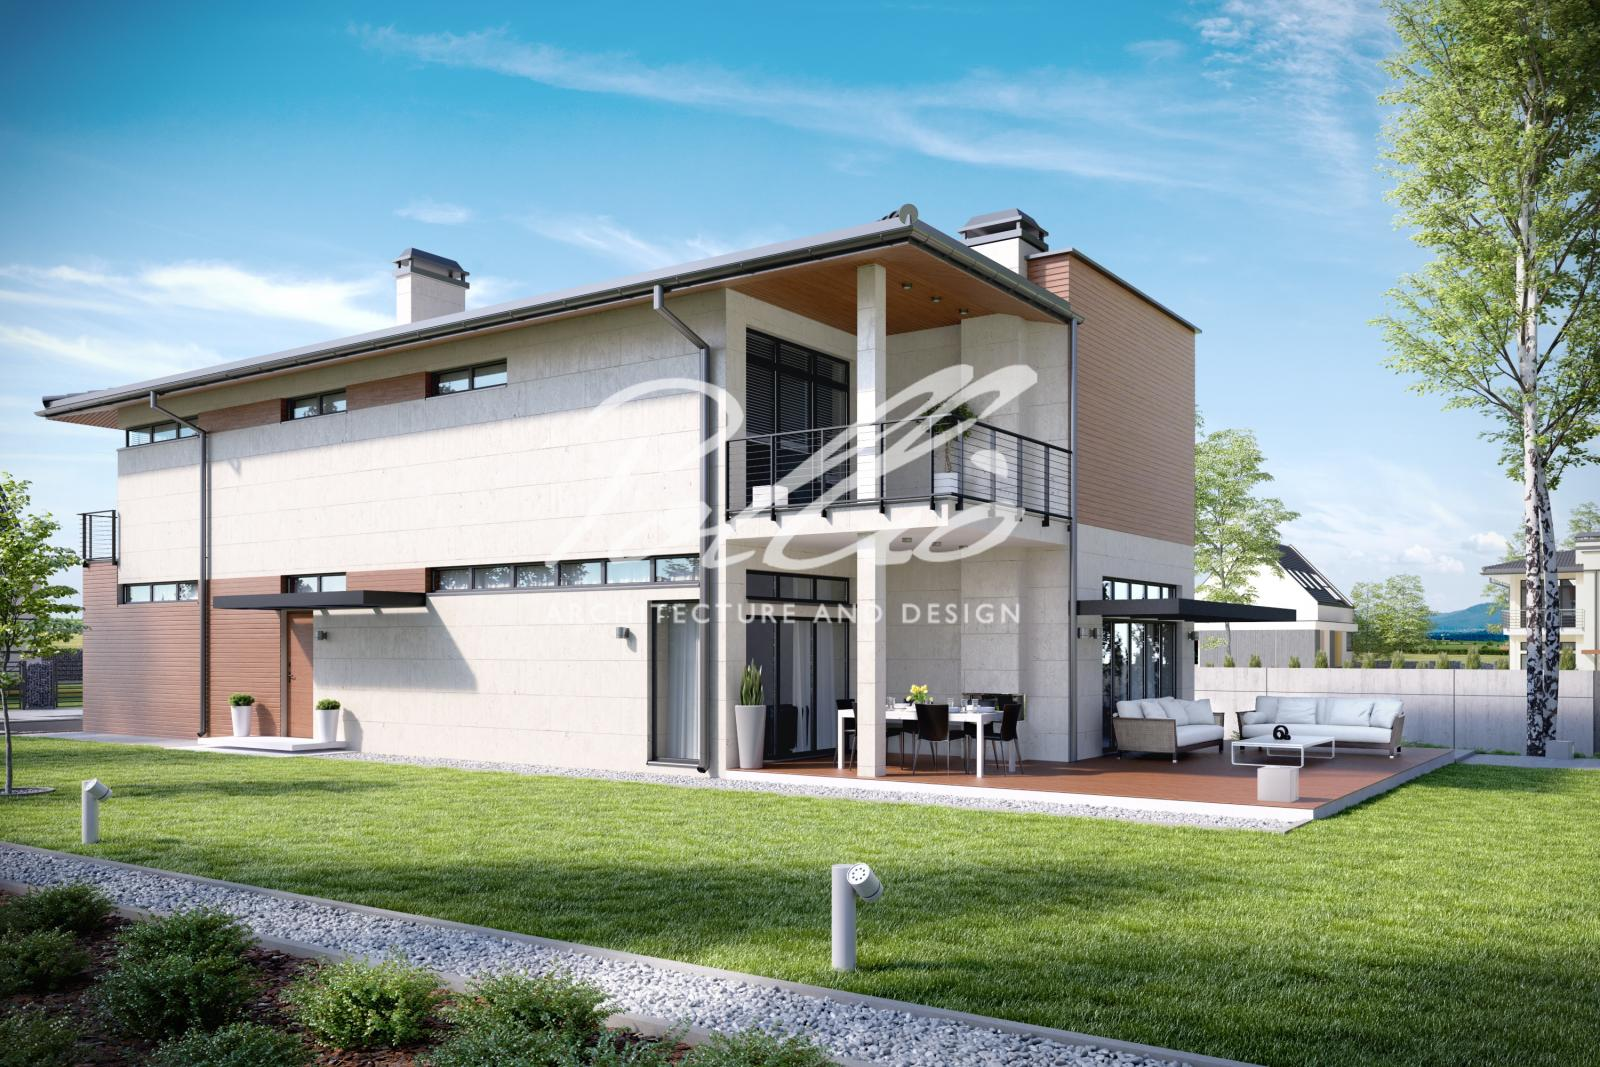 X11 Захватывающий проект дома для узкого участка фото 3